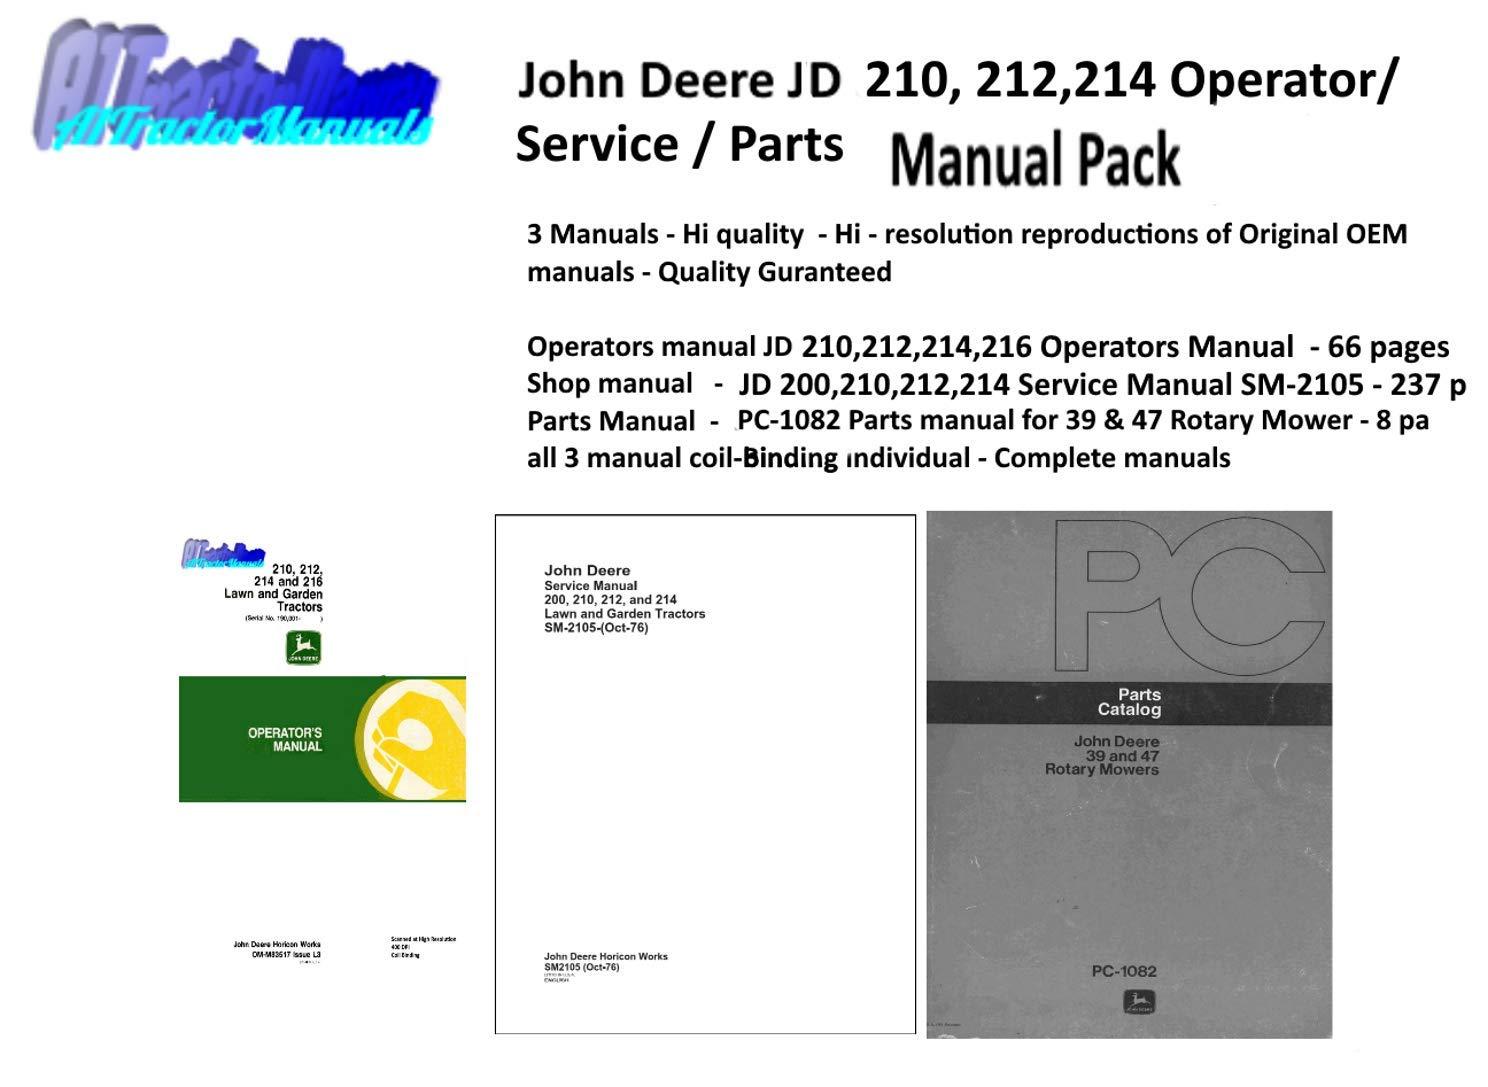 Amazon.com: John Deere JD 210, 212, 214, 216 Lawn & Garden Tractor Manual  Pack: Garden & Outdoor